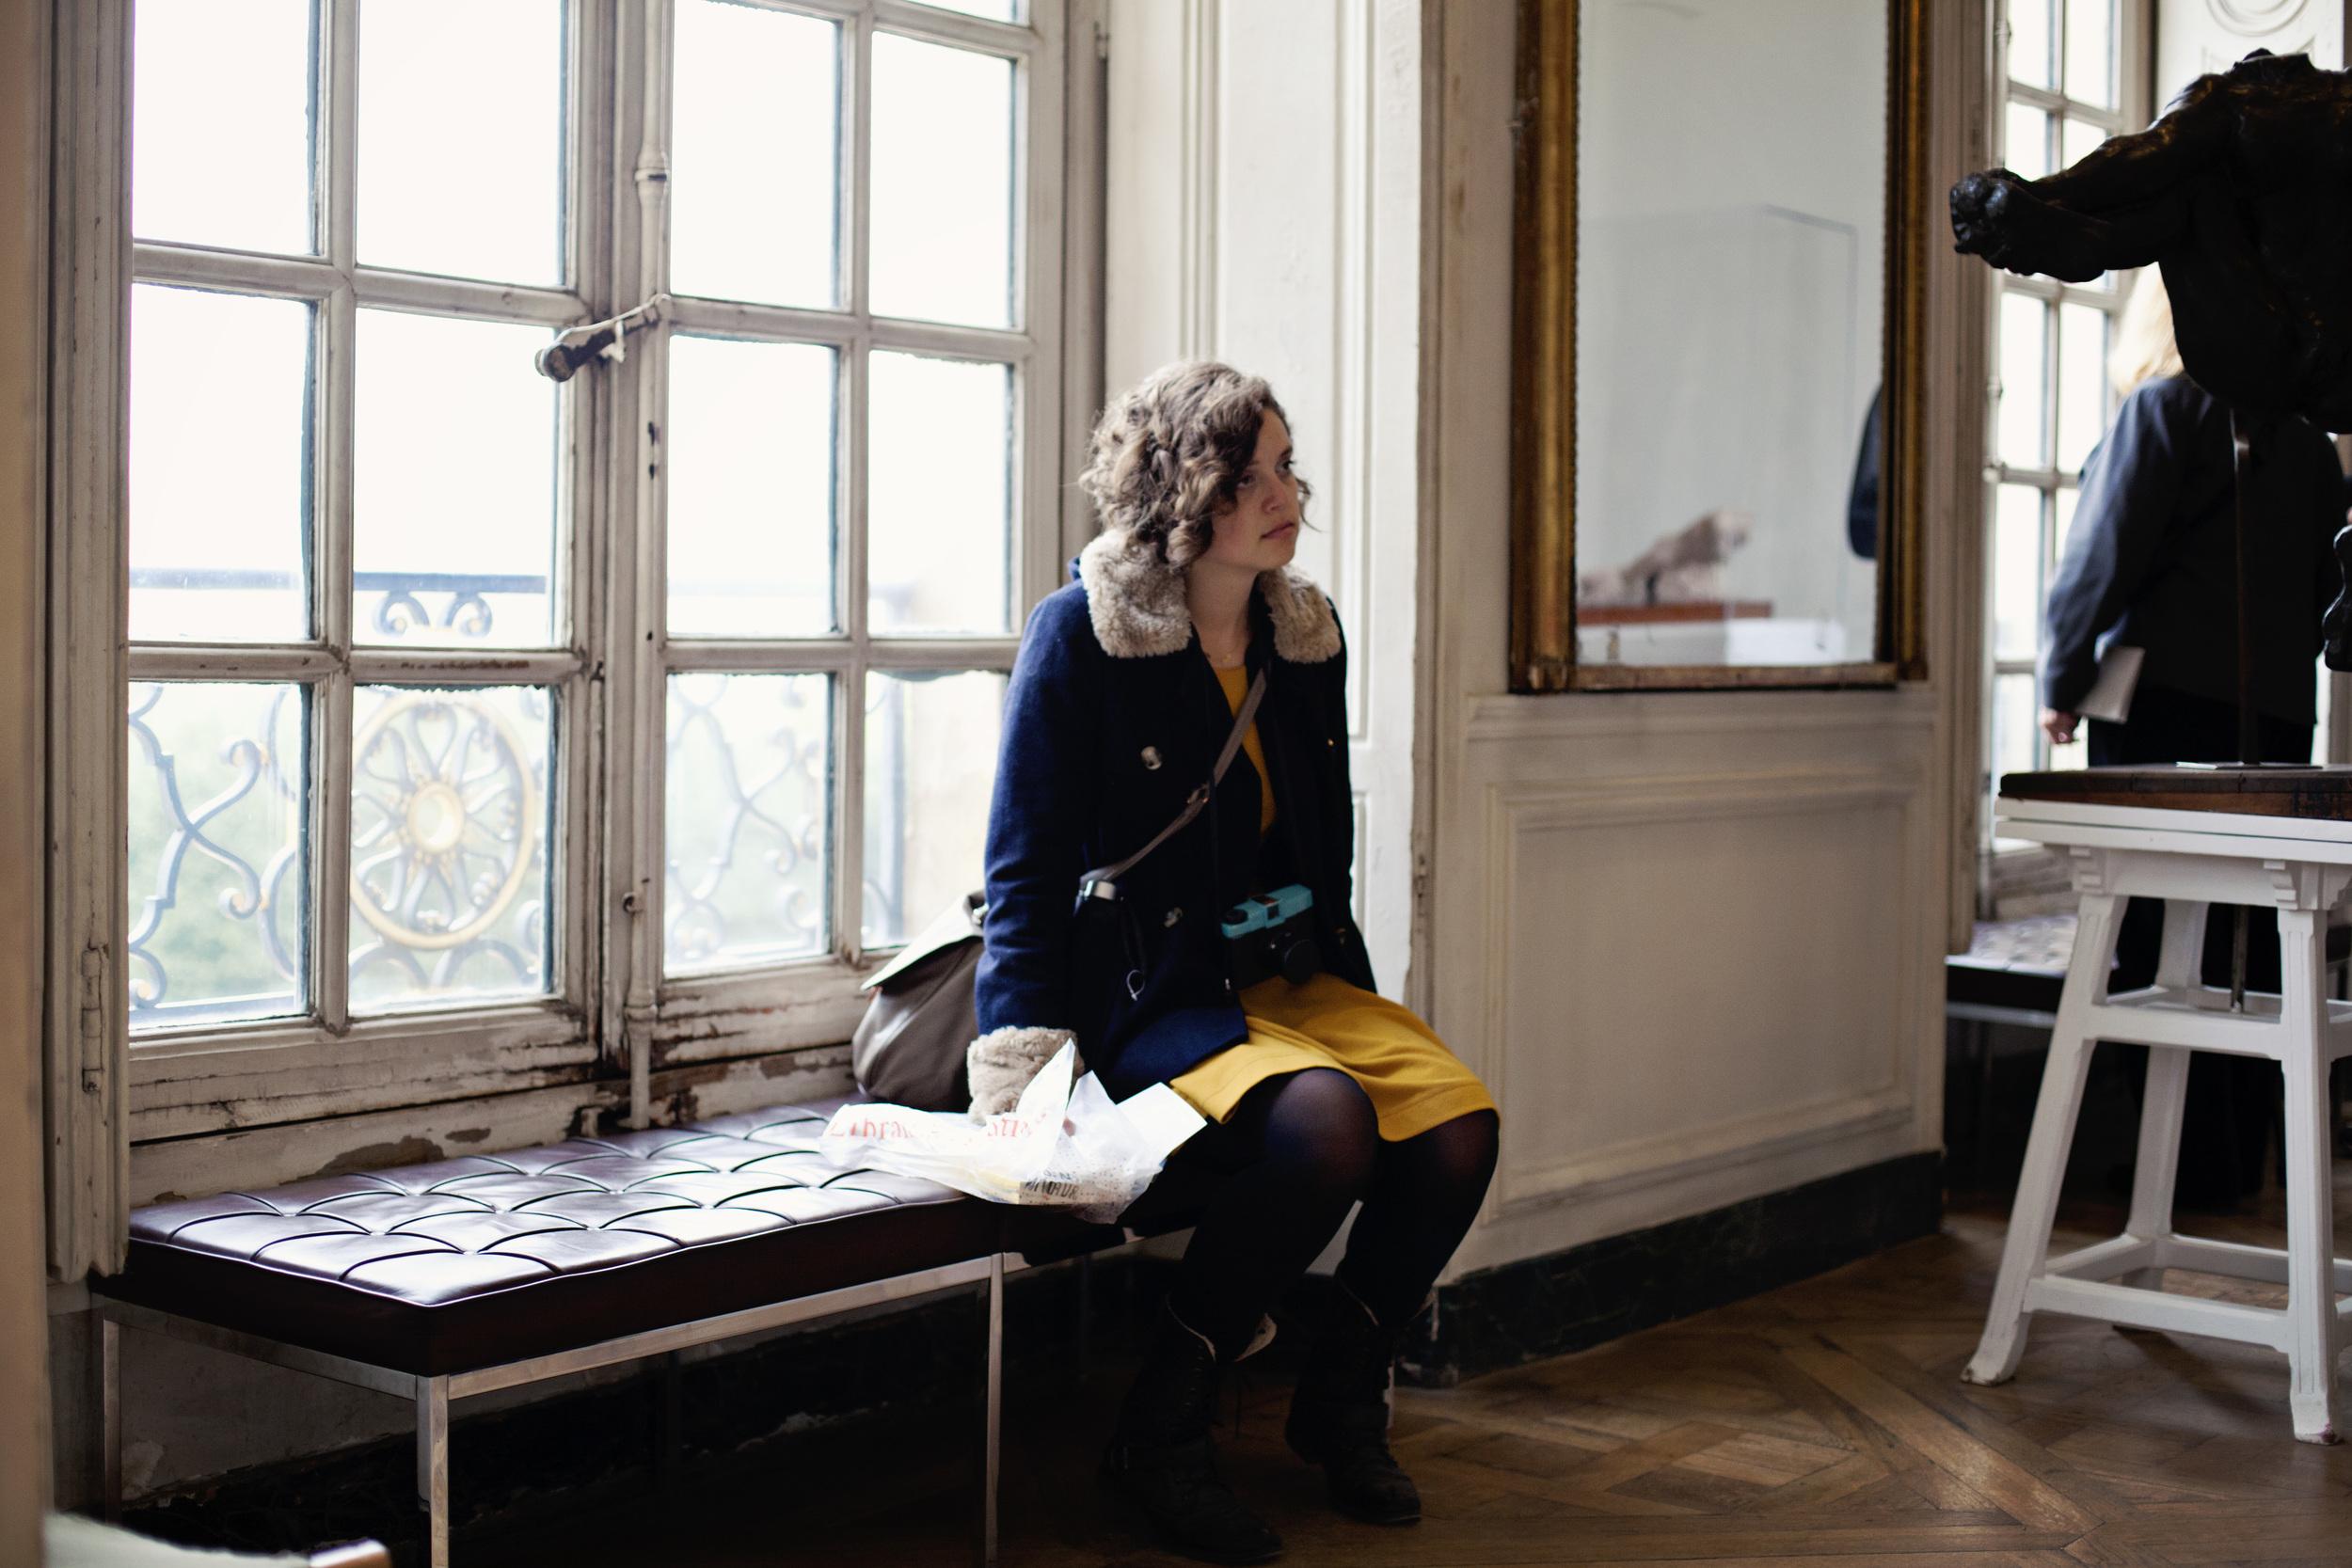 Paris_20121009_0097_1